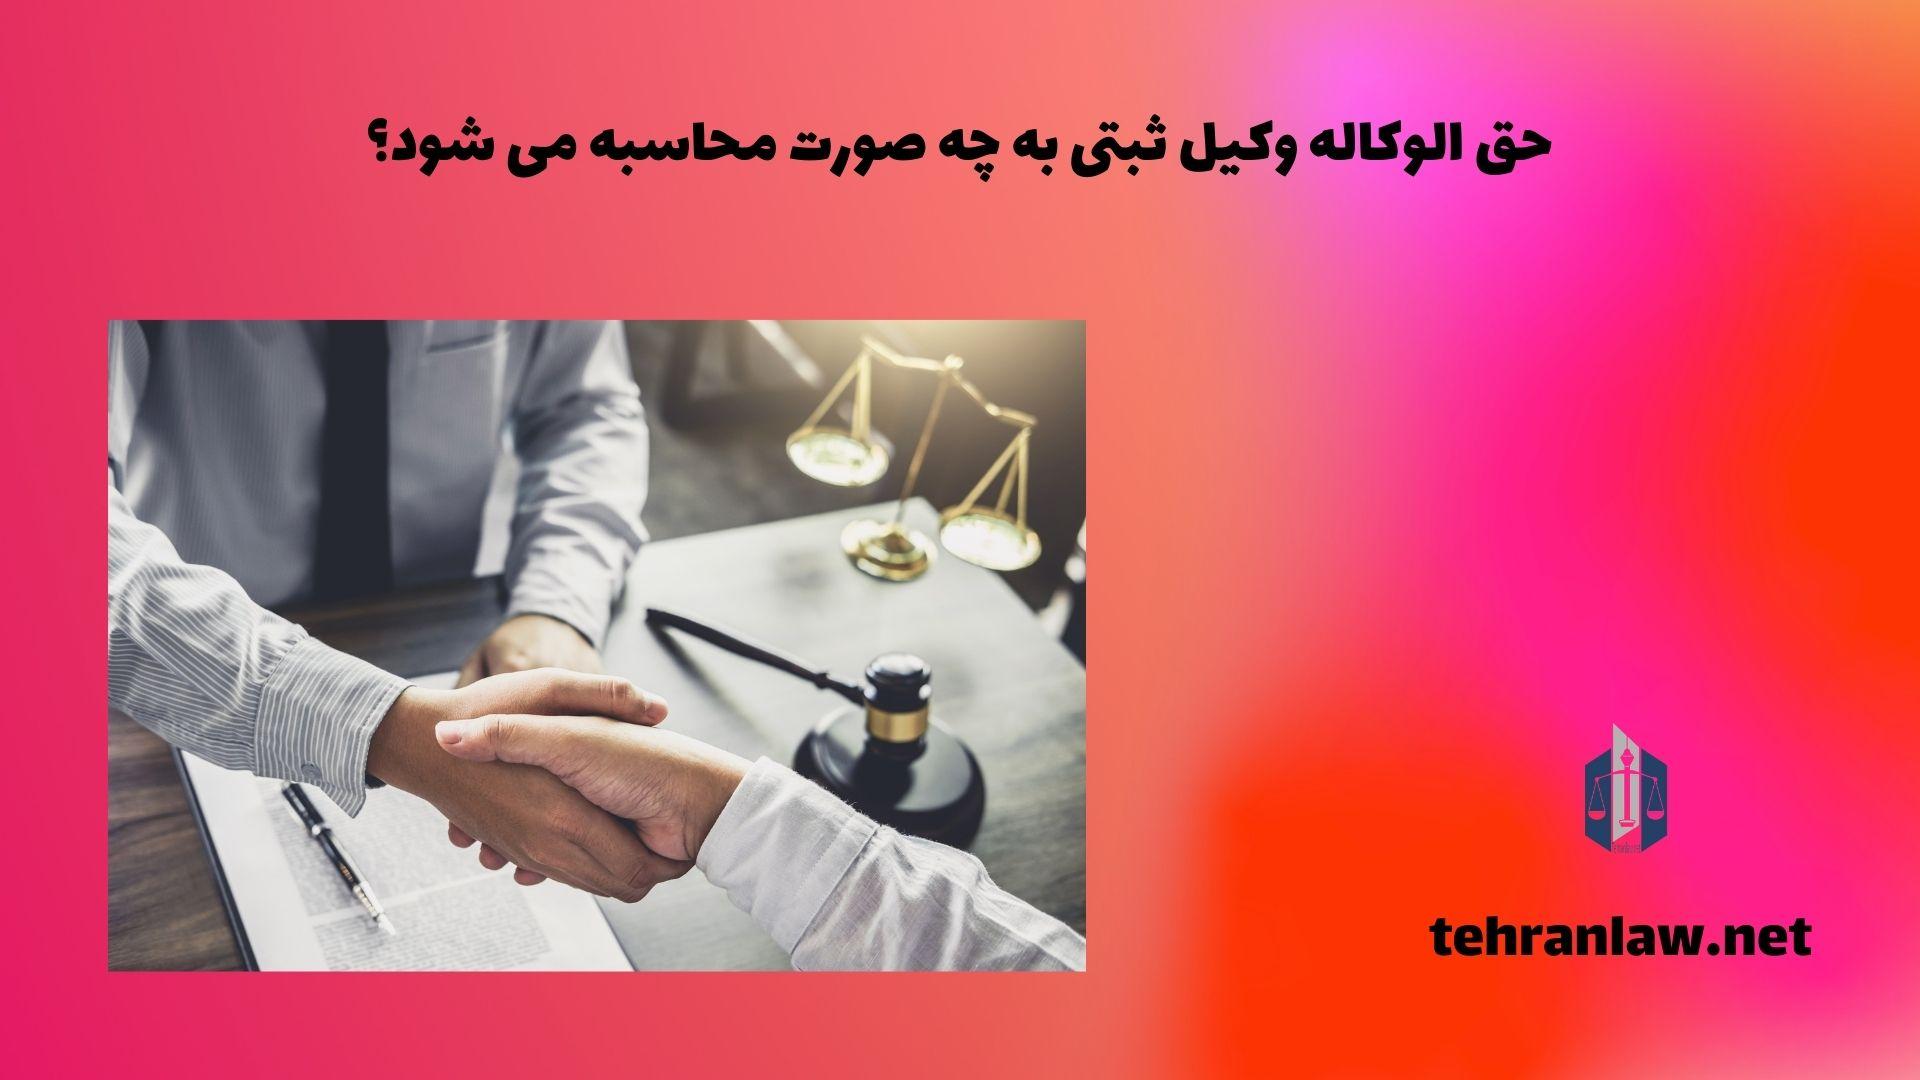 حق الوکاله وکیل ثبتی به چه صورت محاسبه می شود؟